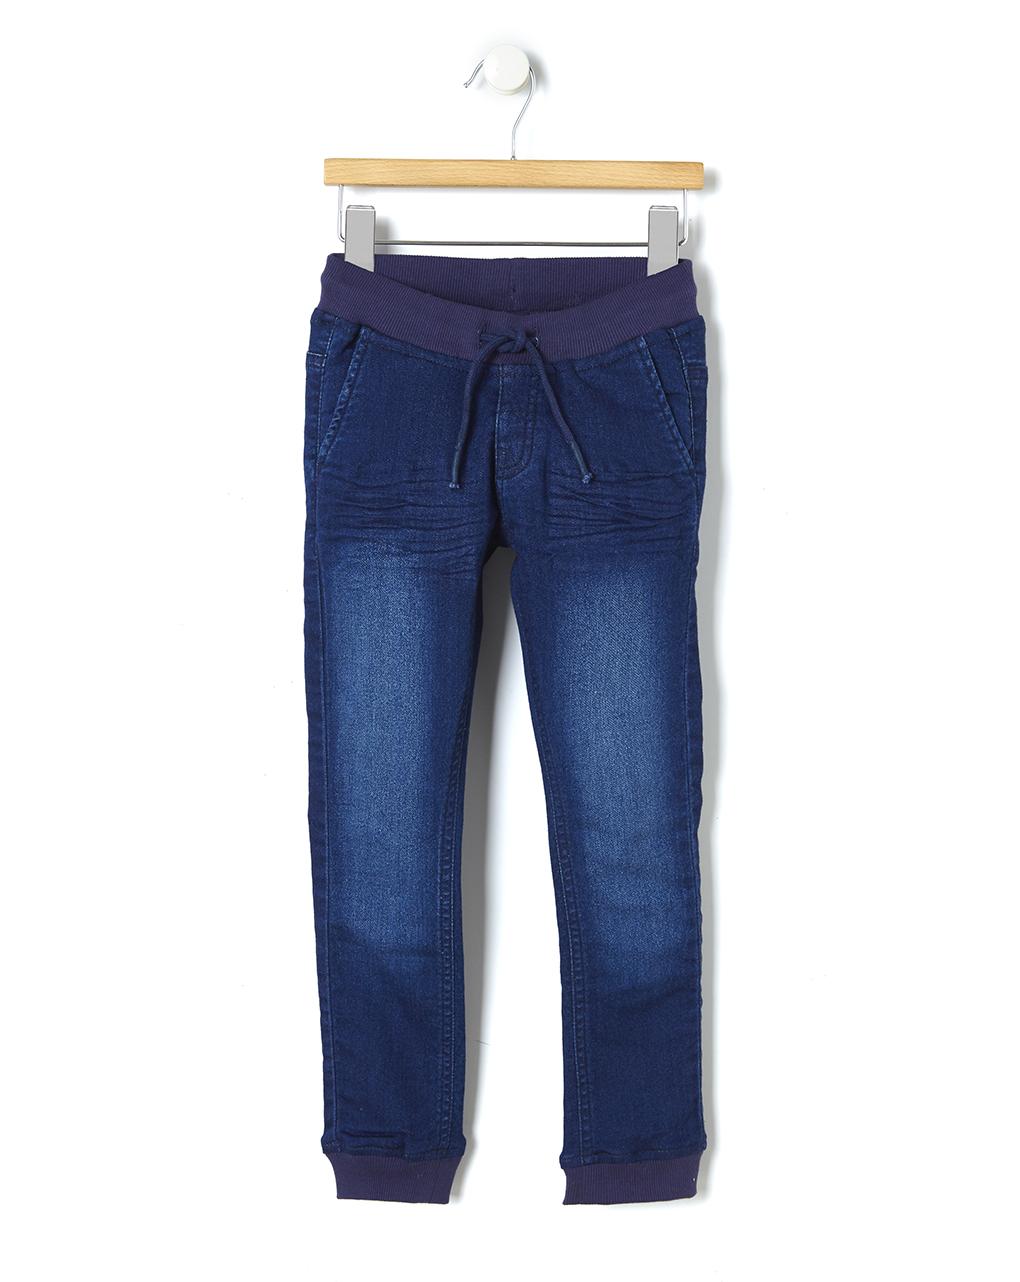 Παντελόνι Denim Μπλε Σκούρο Μεγ.8-9/9-10 Ετών για Αγόρι